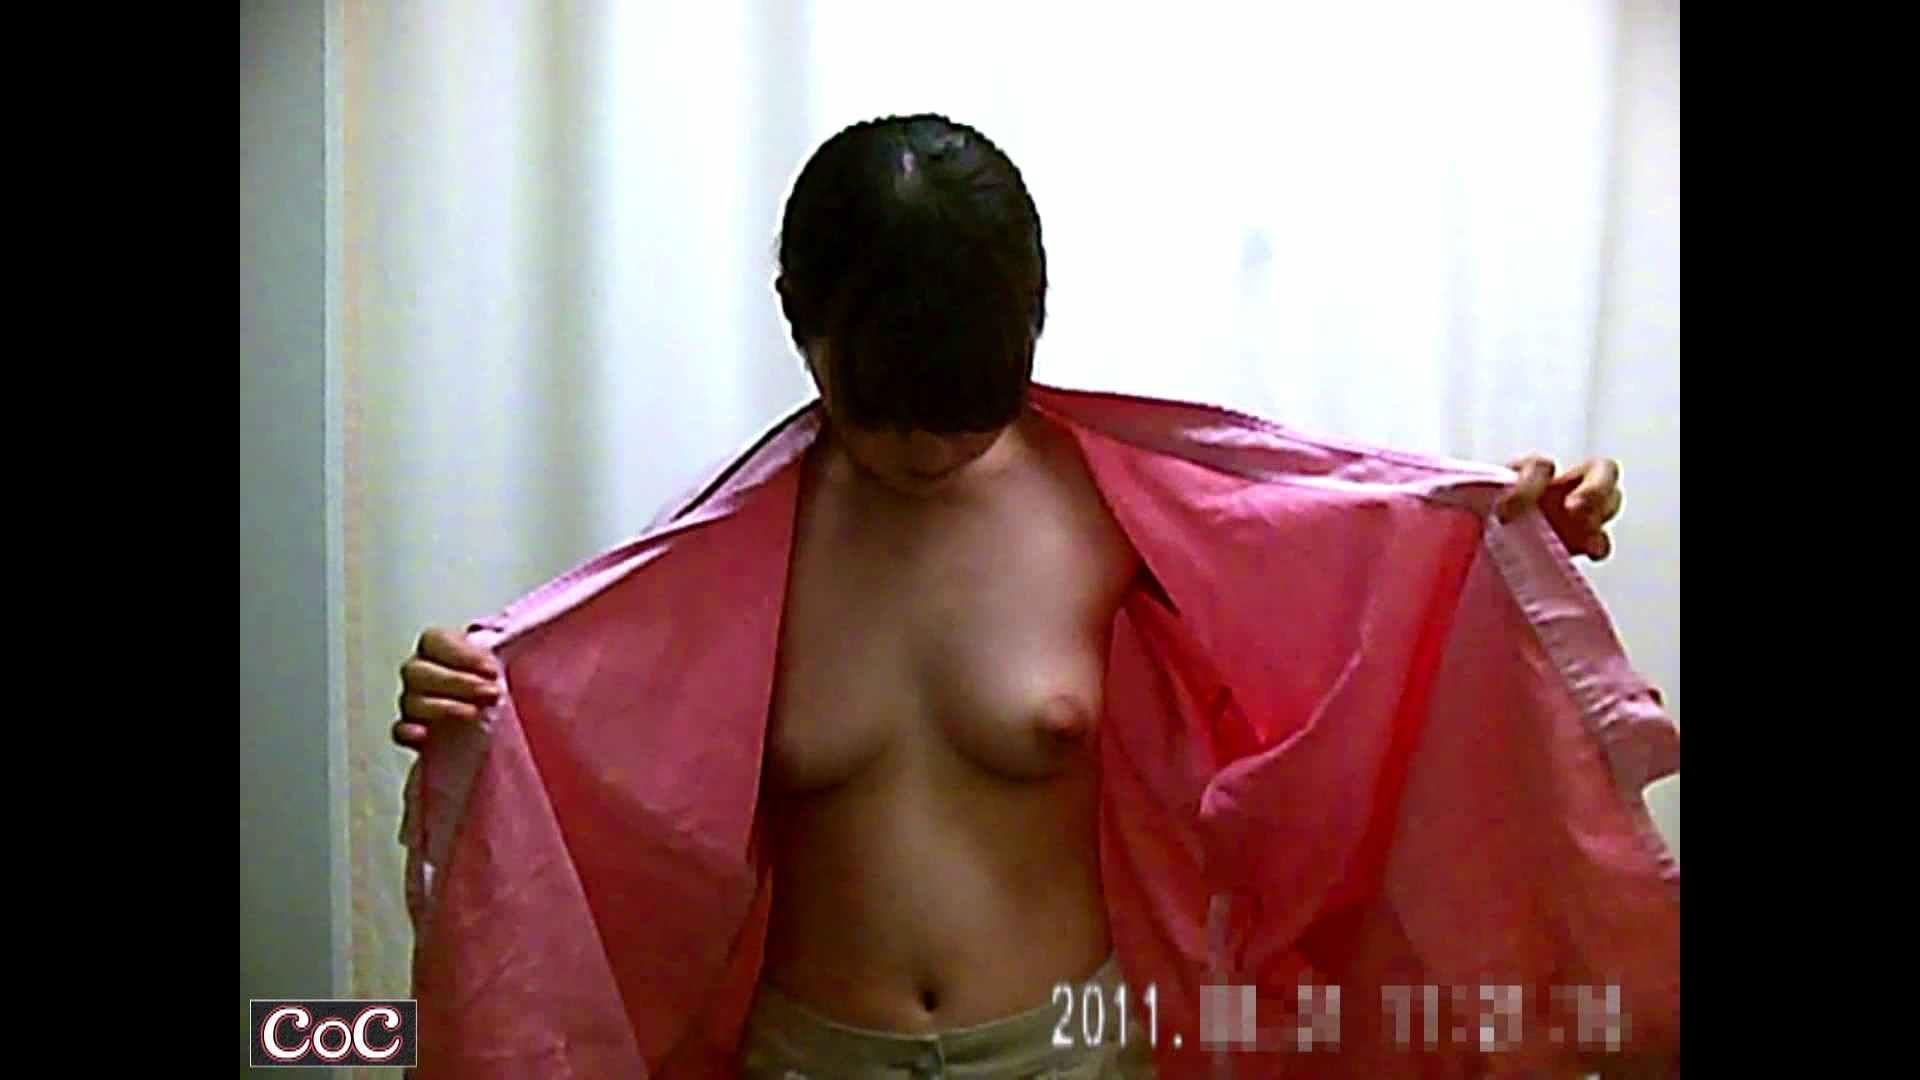 病院おもいっきり着替え! vol.19 巨乳 セックス画像 95pic 54